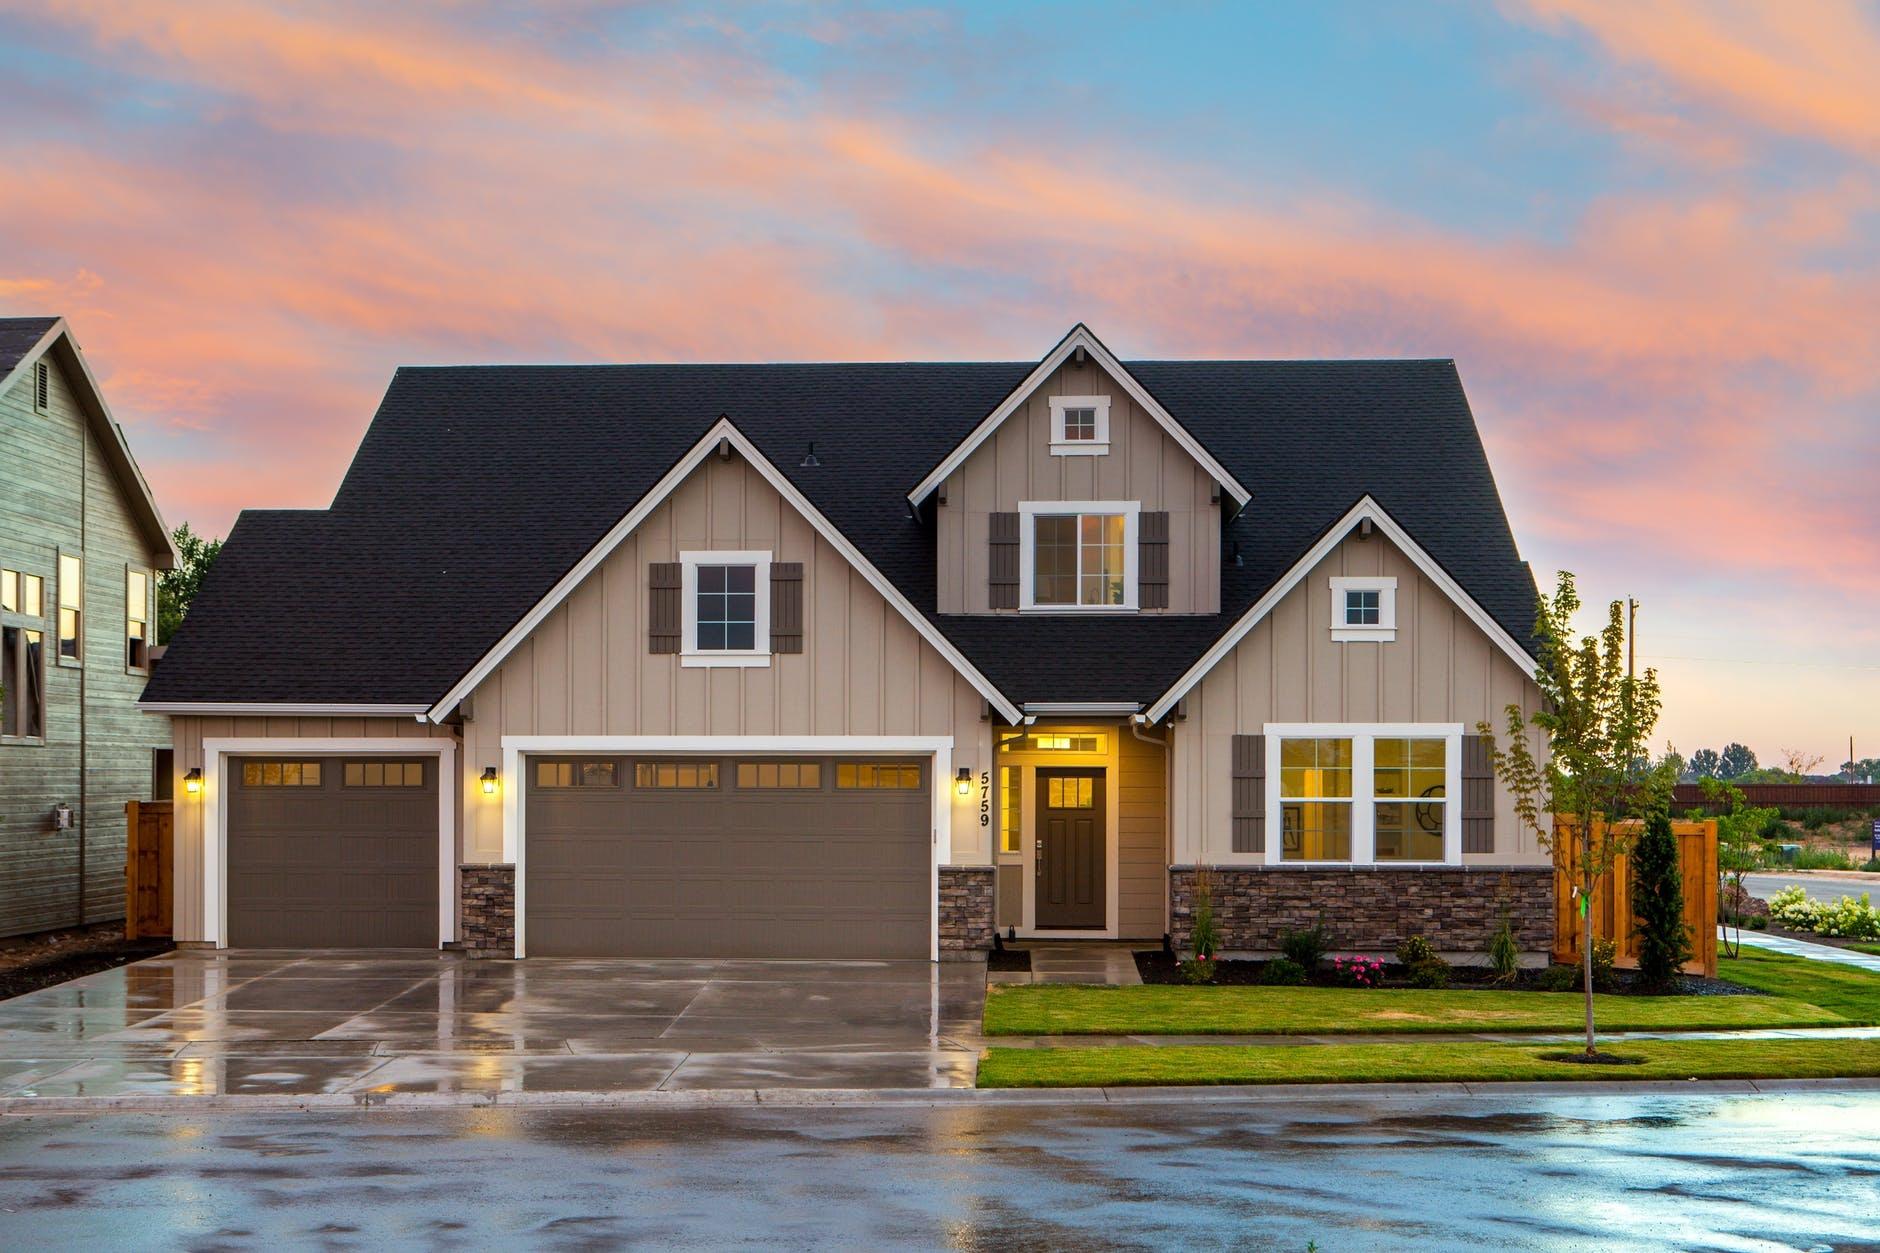 Sådan kommer din boligs ydre til at se nyere ud